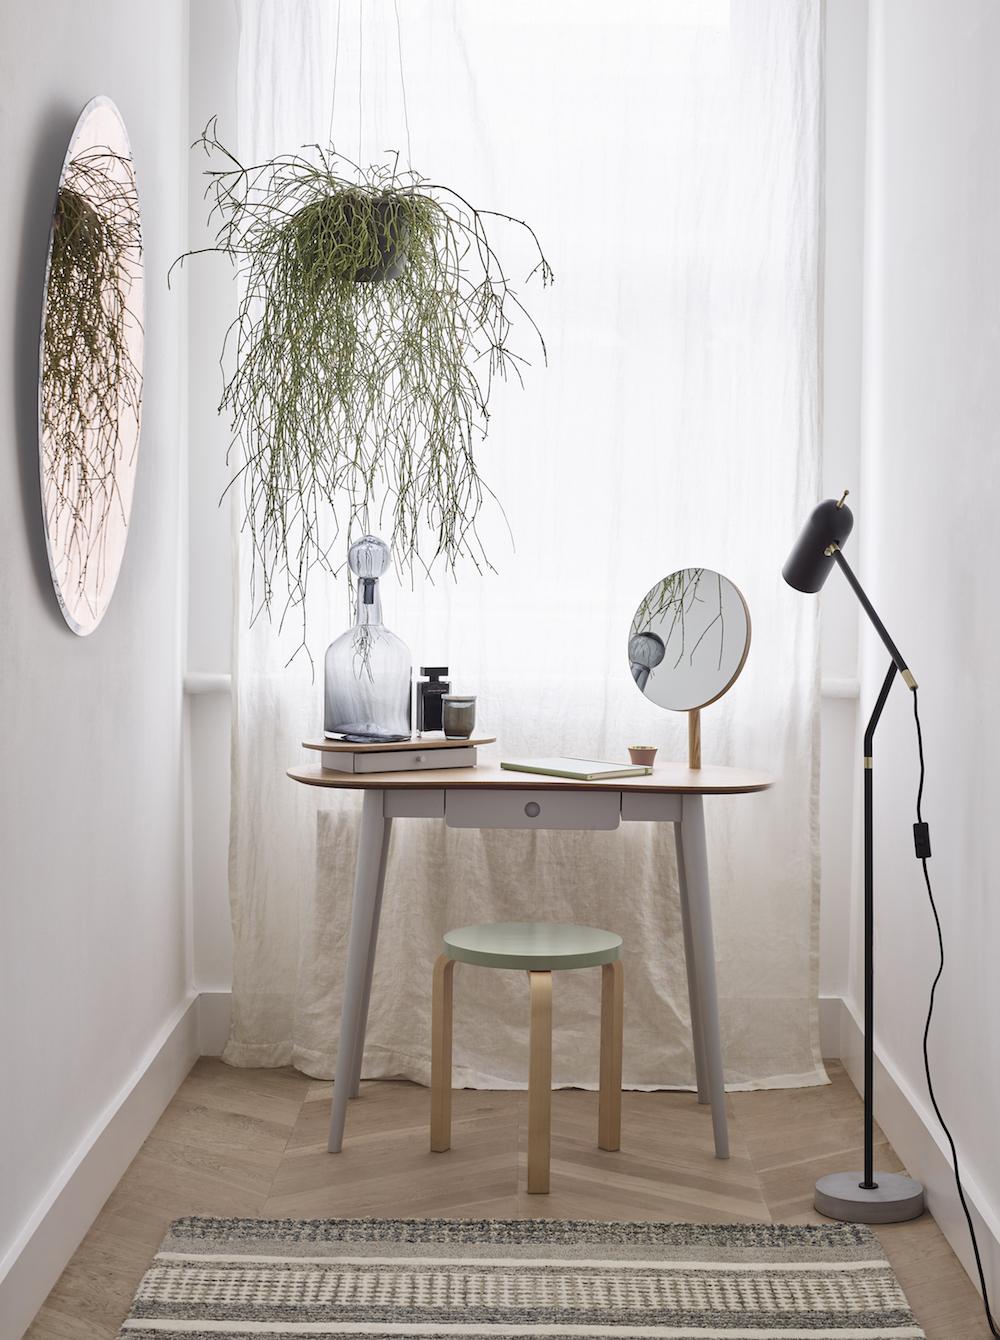 Greyson Dressing Table £350, Artek Stool 60 Birch & White £180.40